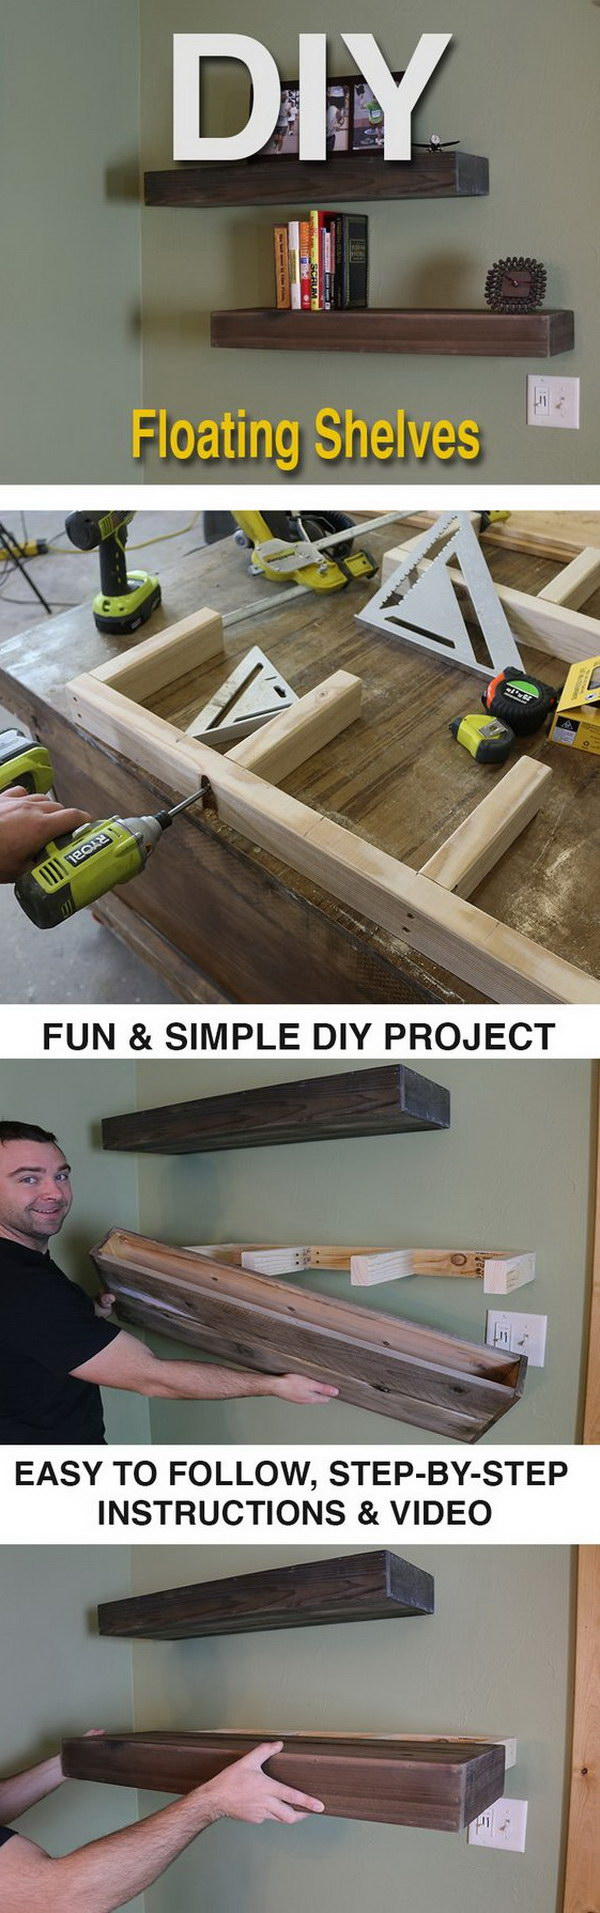 DIY Wood Floating Shelves.